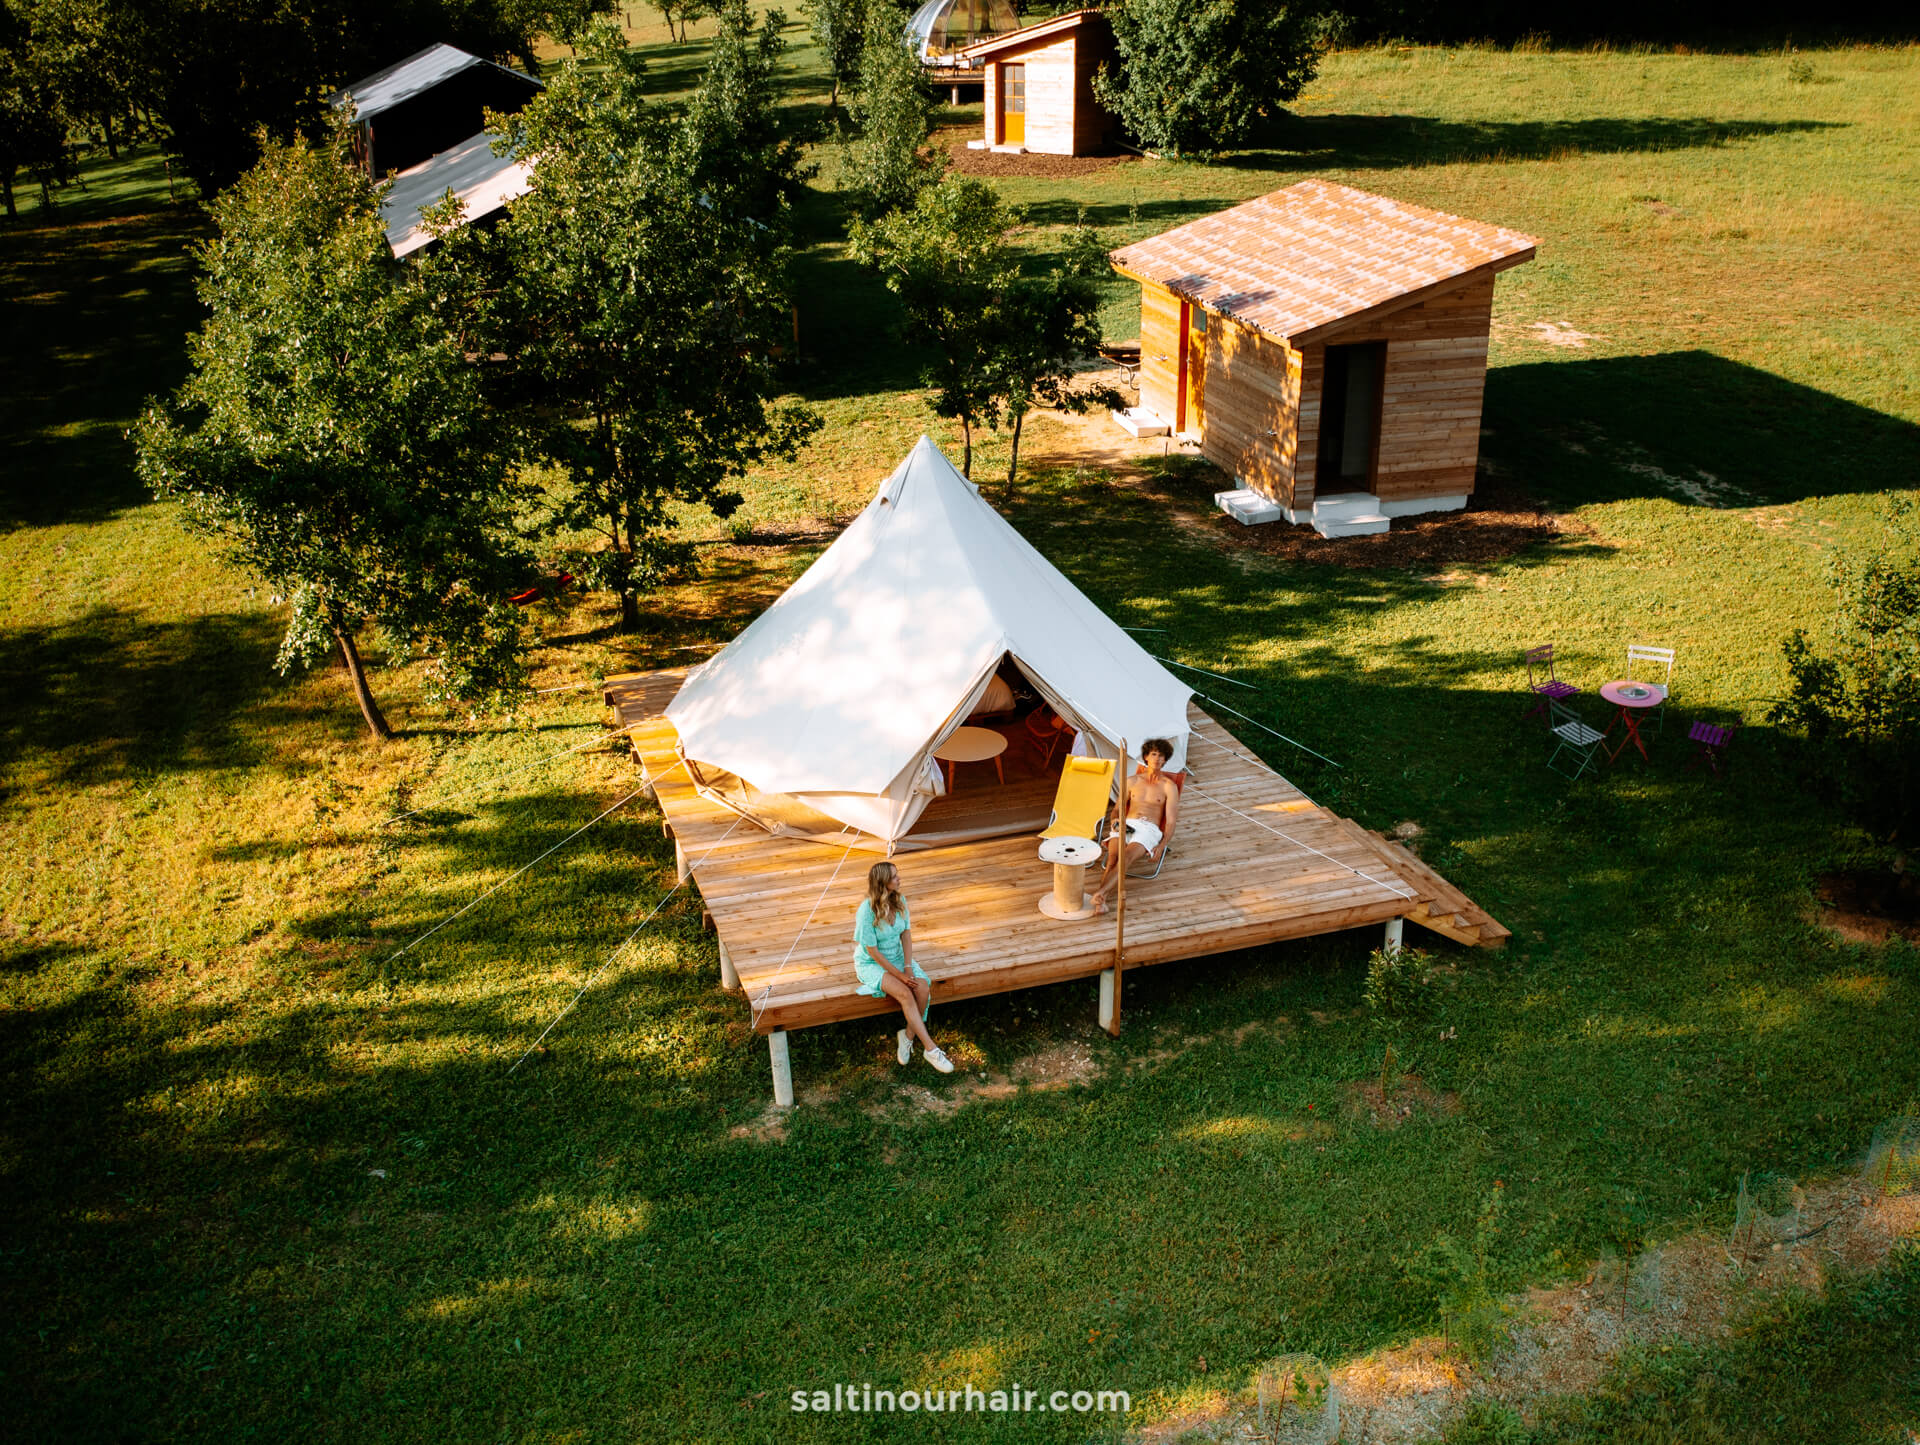 Aubeterre france campsite